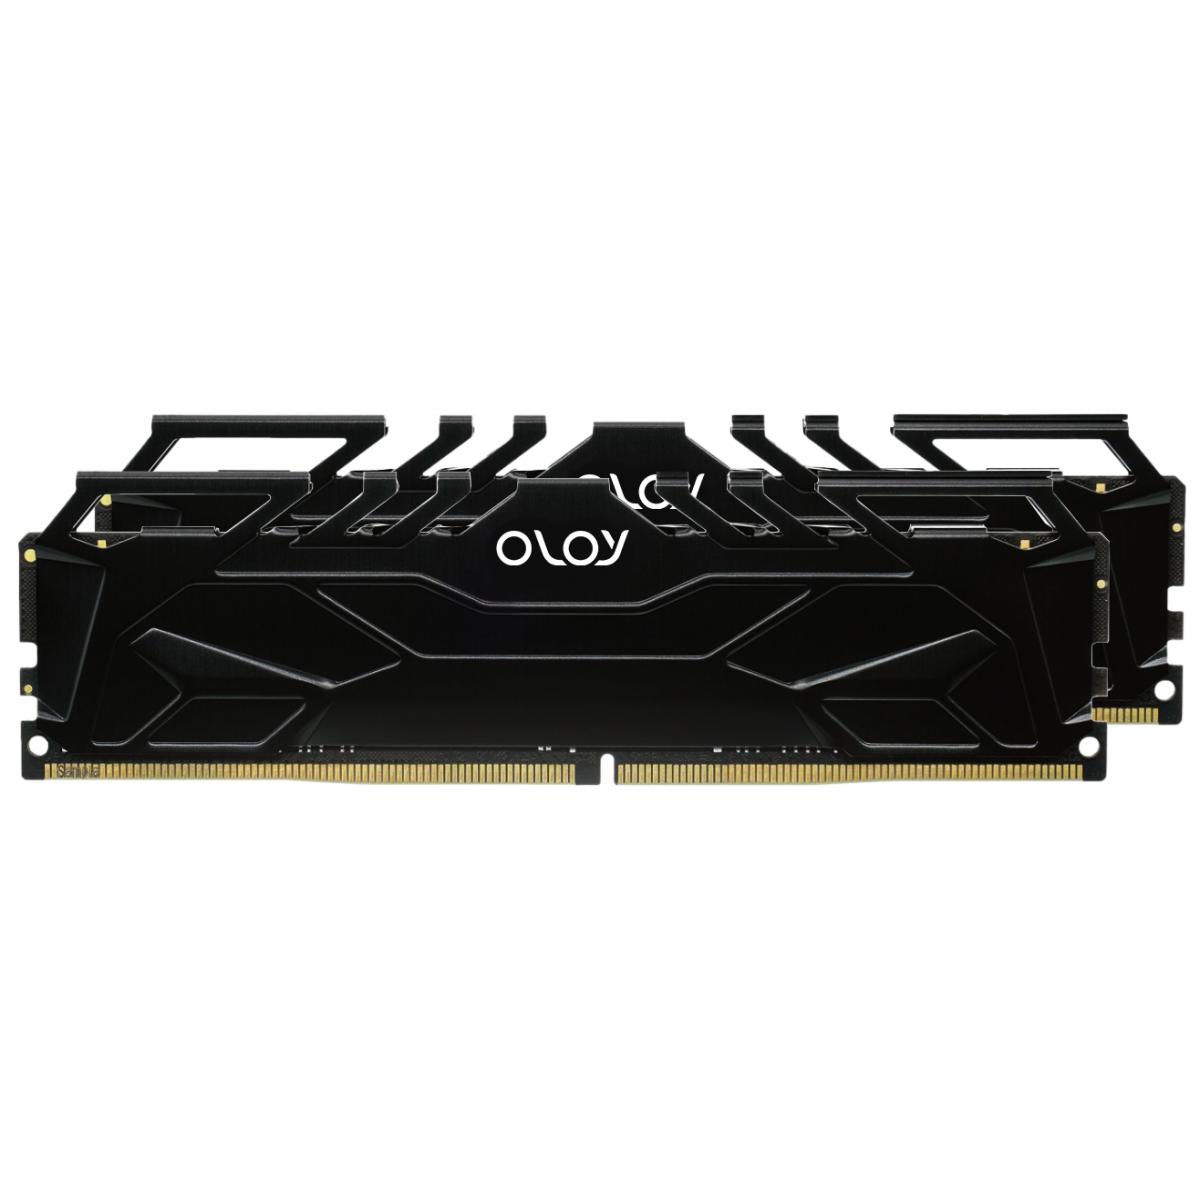 Memória DDR4 OLOy Owl Black, 16GB (2x8GB), 2666MHz, Black, MD4U0826190BHKSA x 2